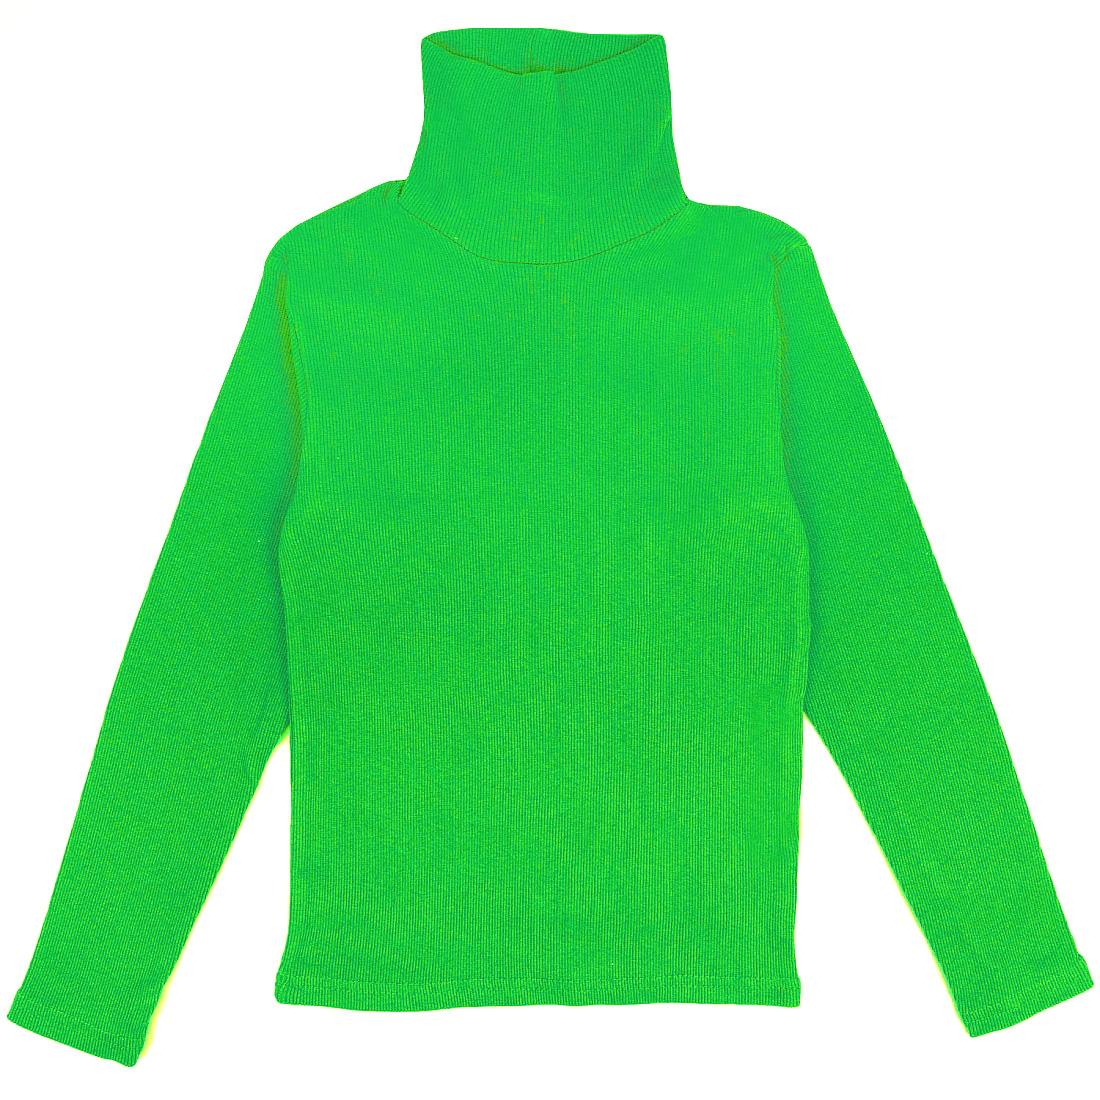 Купить 079кут, Водолазка детская Юлла, цв. зеленый р. 134, Водолазки для мальчиков